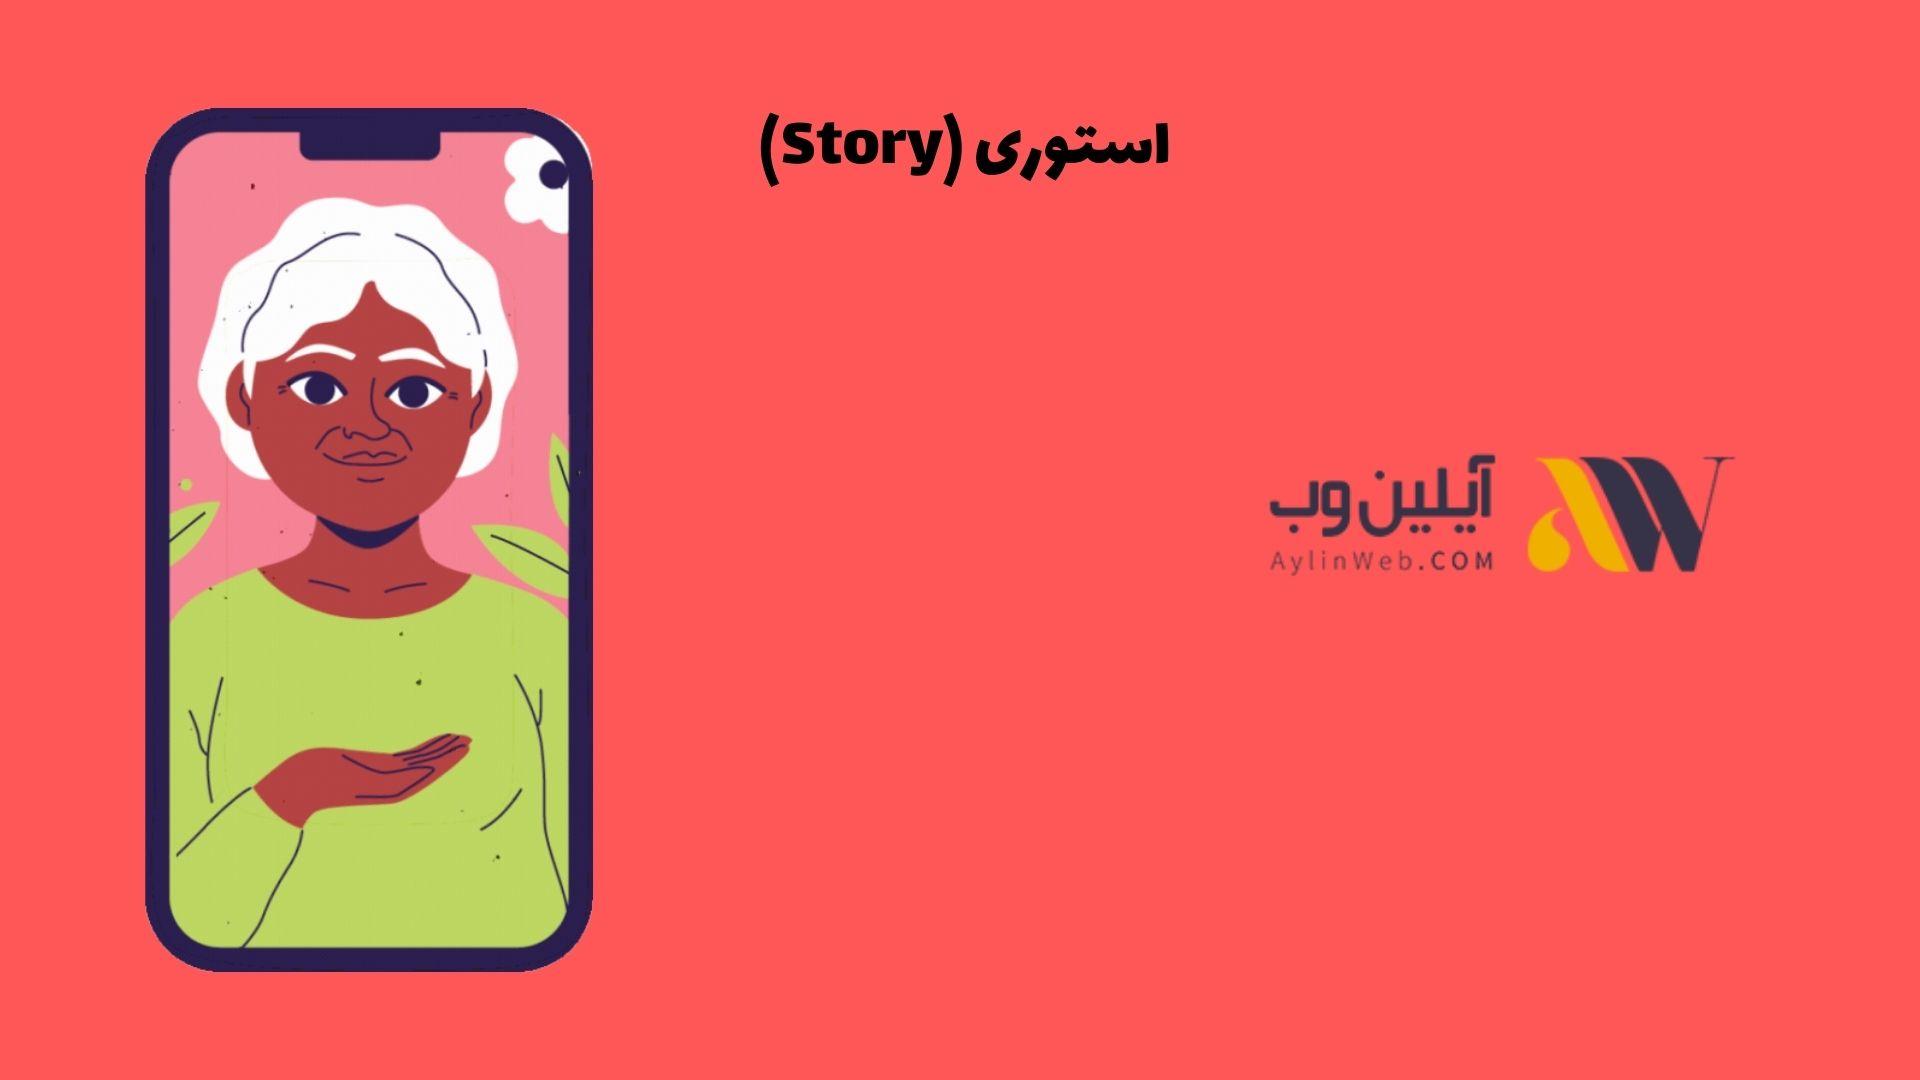 استوری (Story)